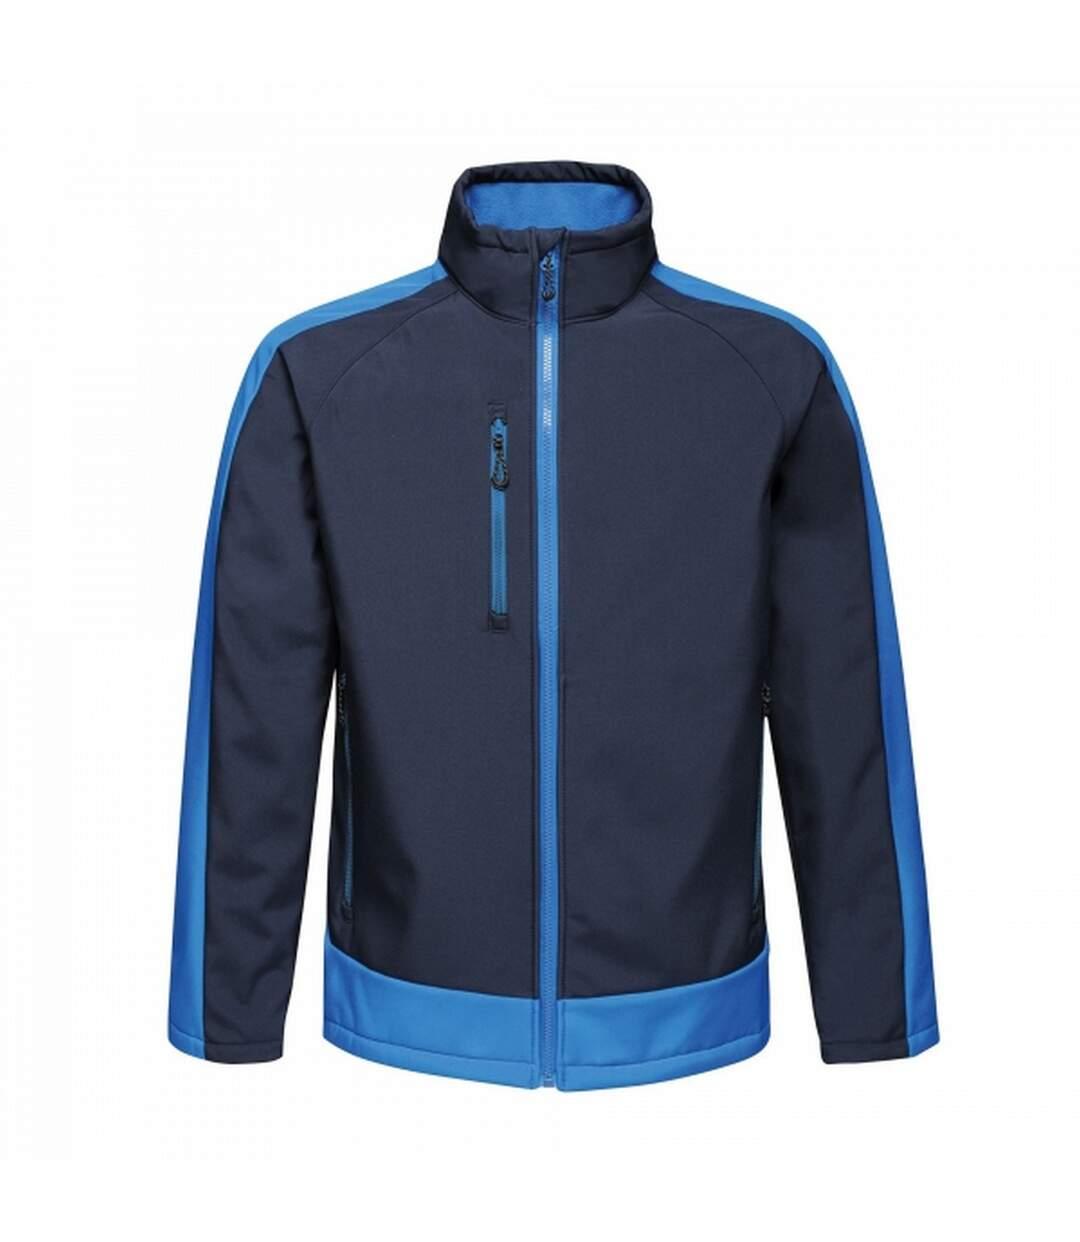 Regatta Mens Contrast 3 Layer Softshell Full Zip Jacket (Black Blue/Light Blue) - UTRG3747